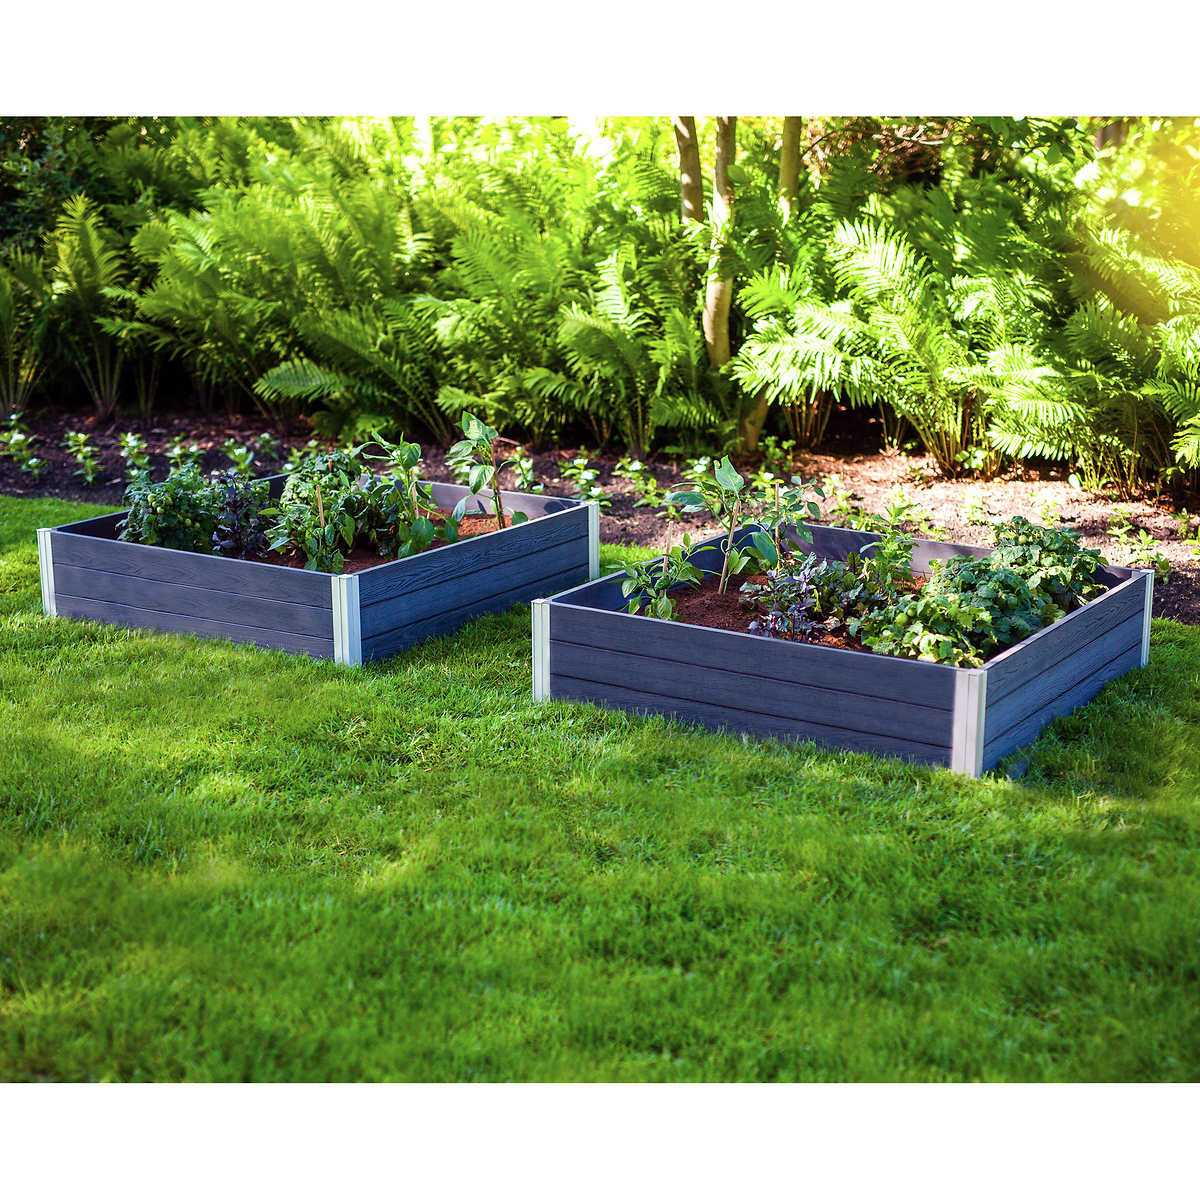 Vita Urbana Raised Garden Bed 2 Pack